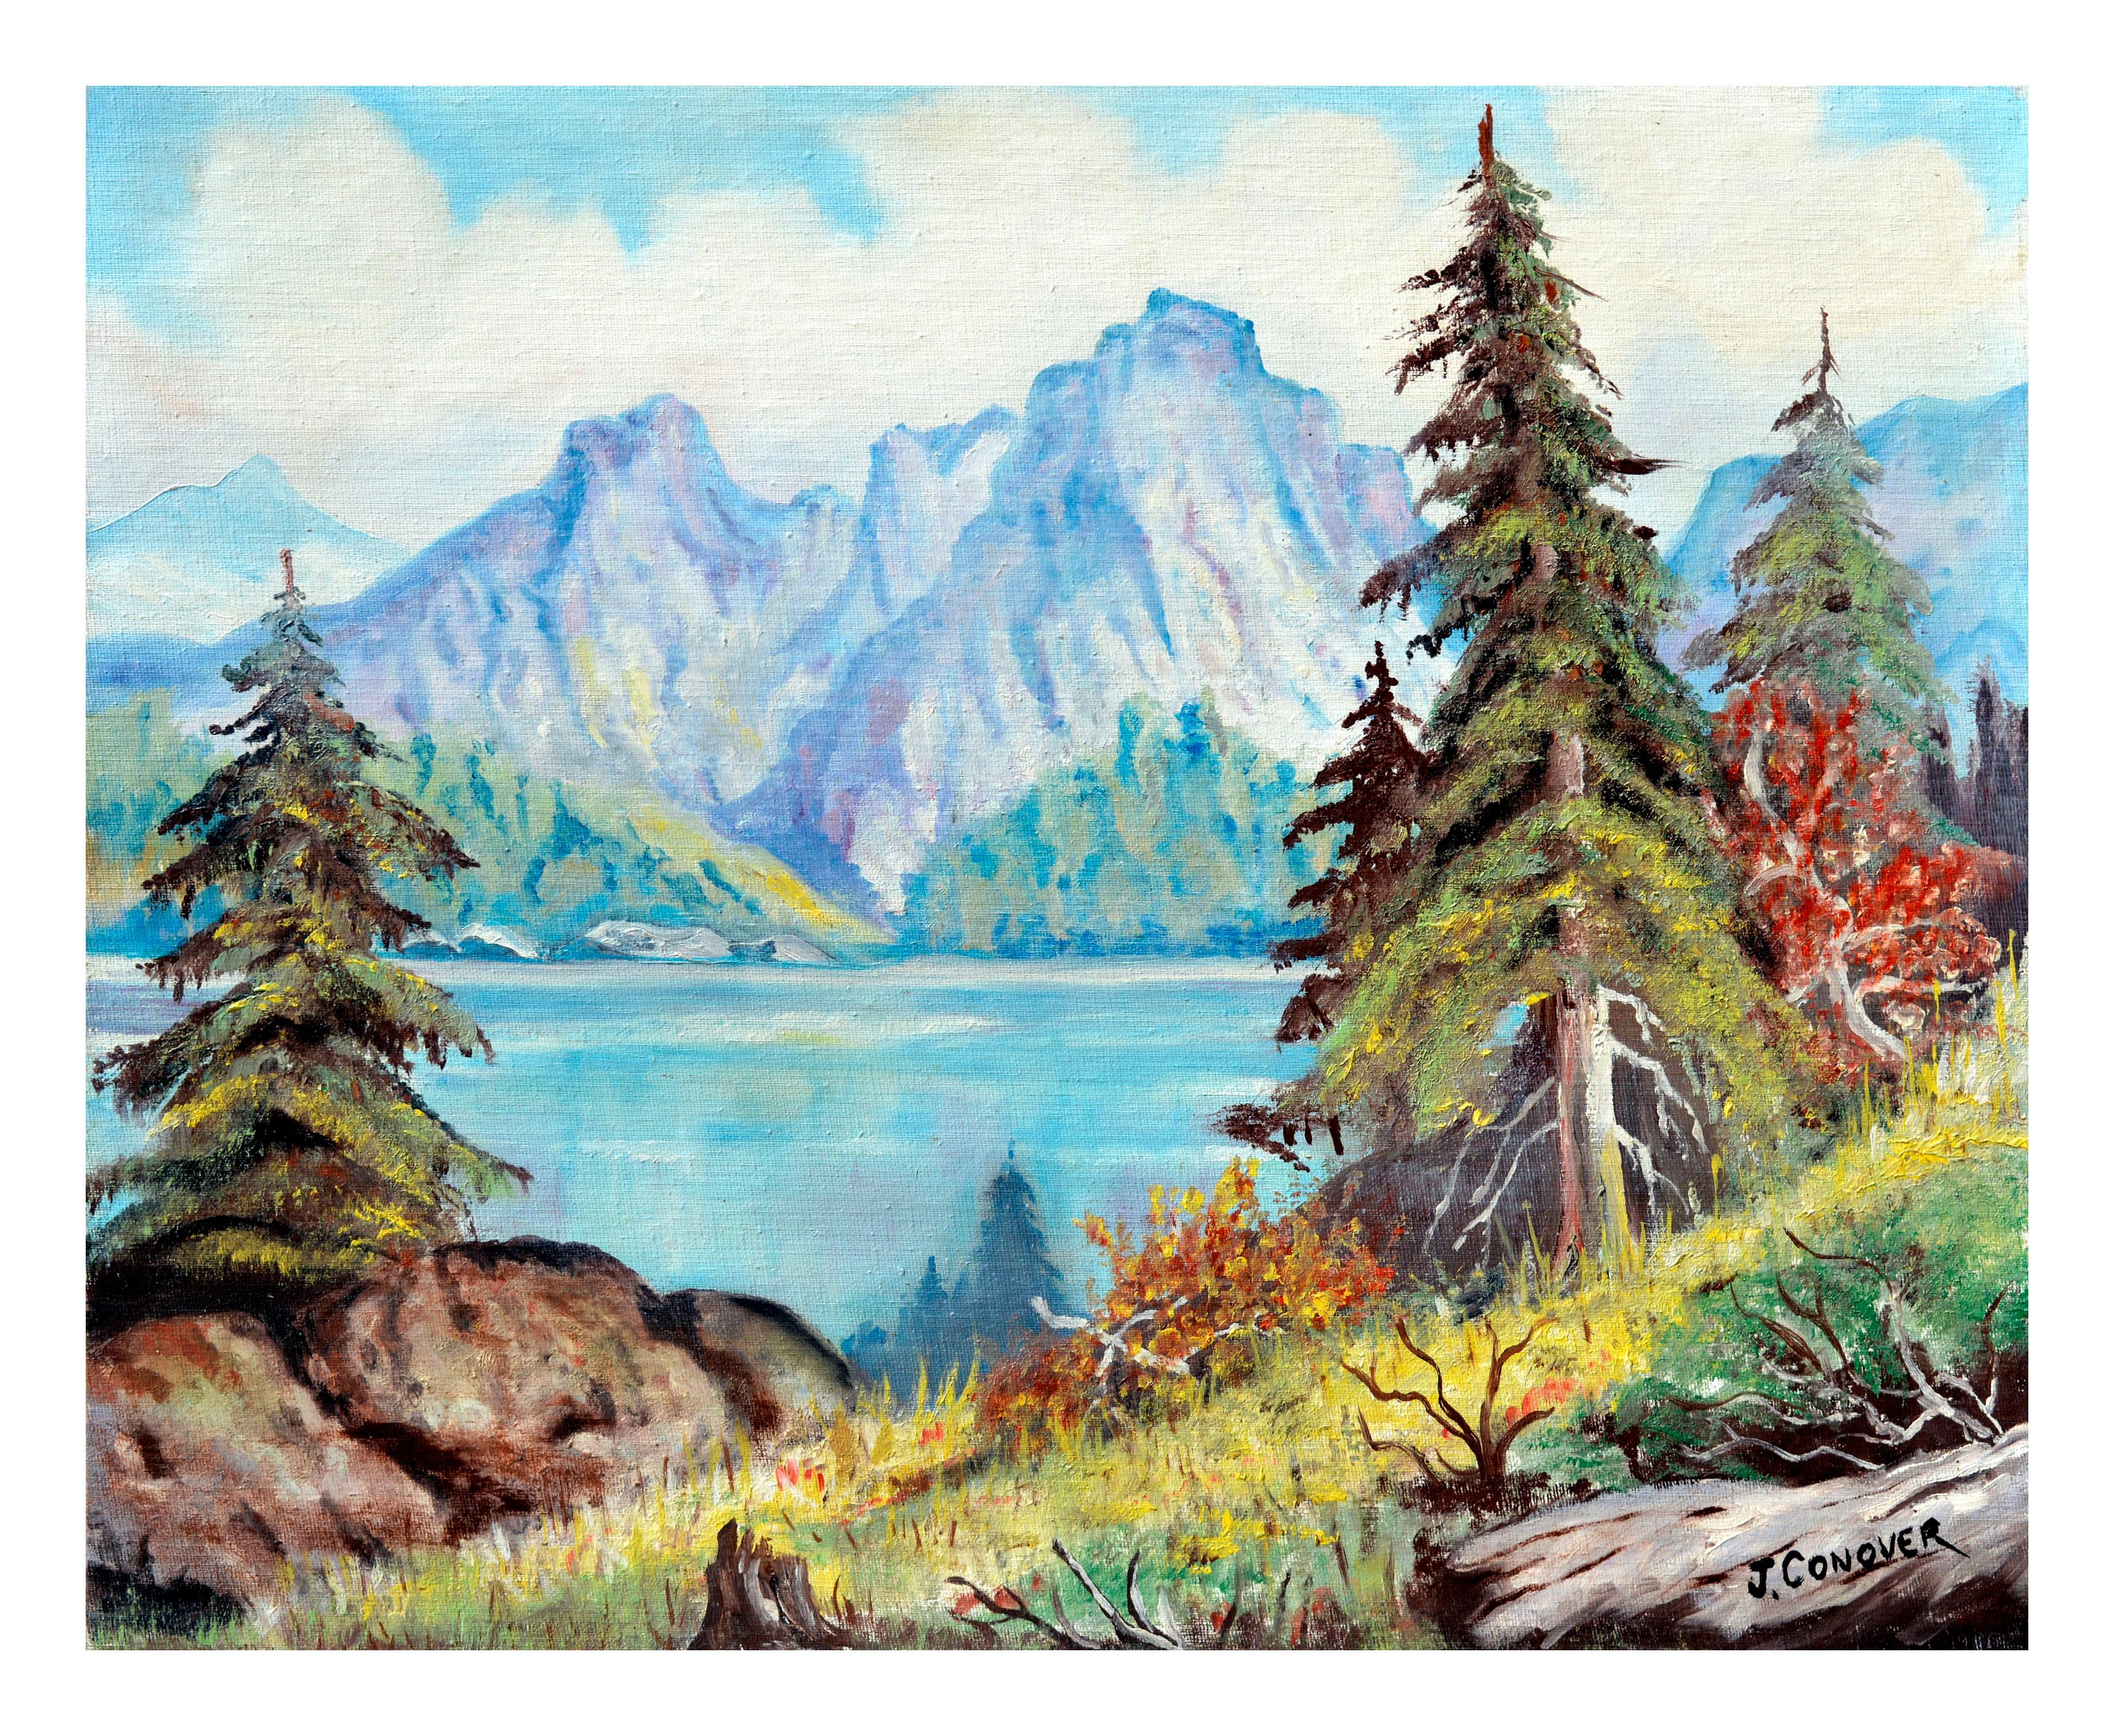 Sierra Mountains Reflecting on Tahoe Lake